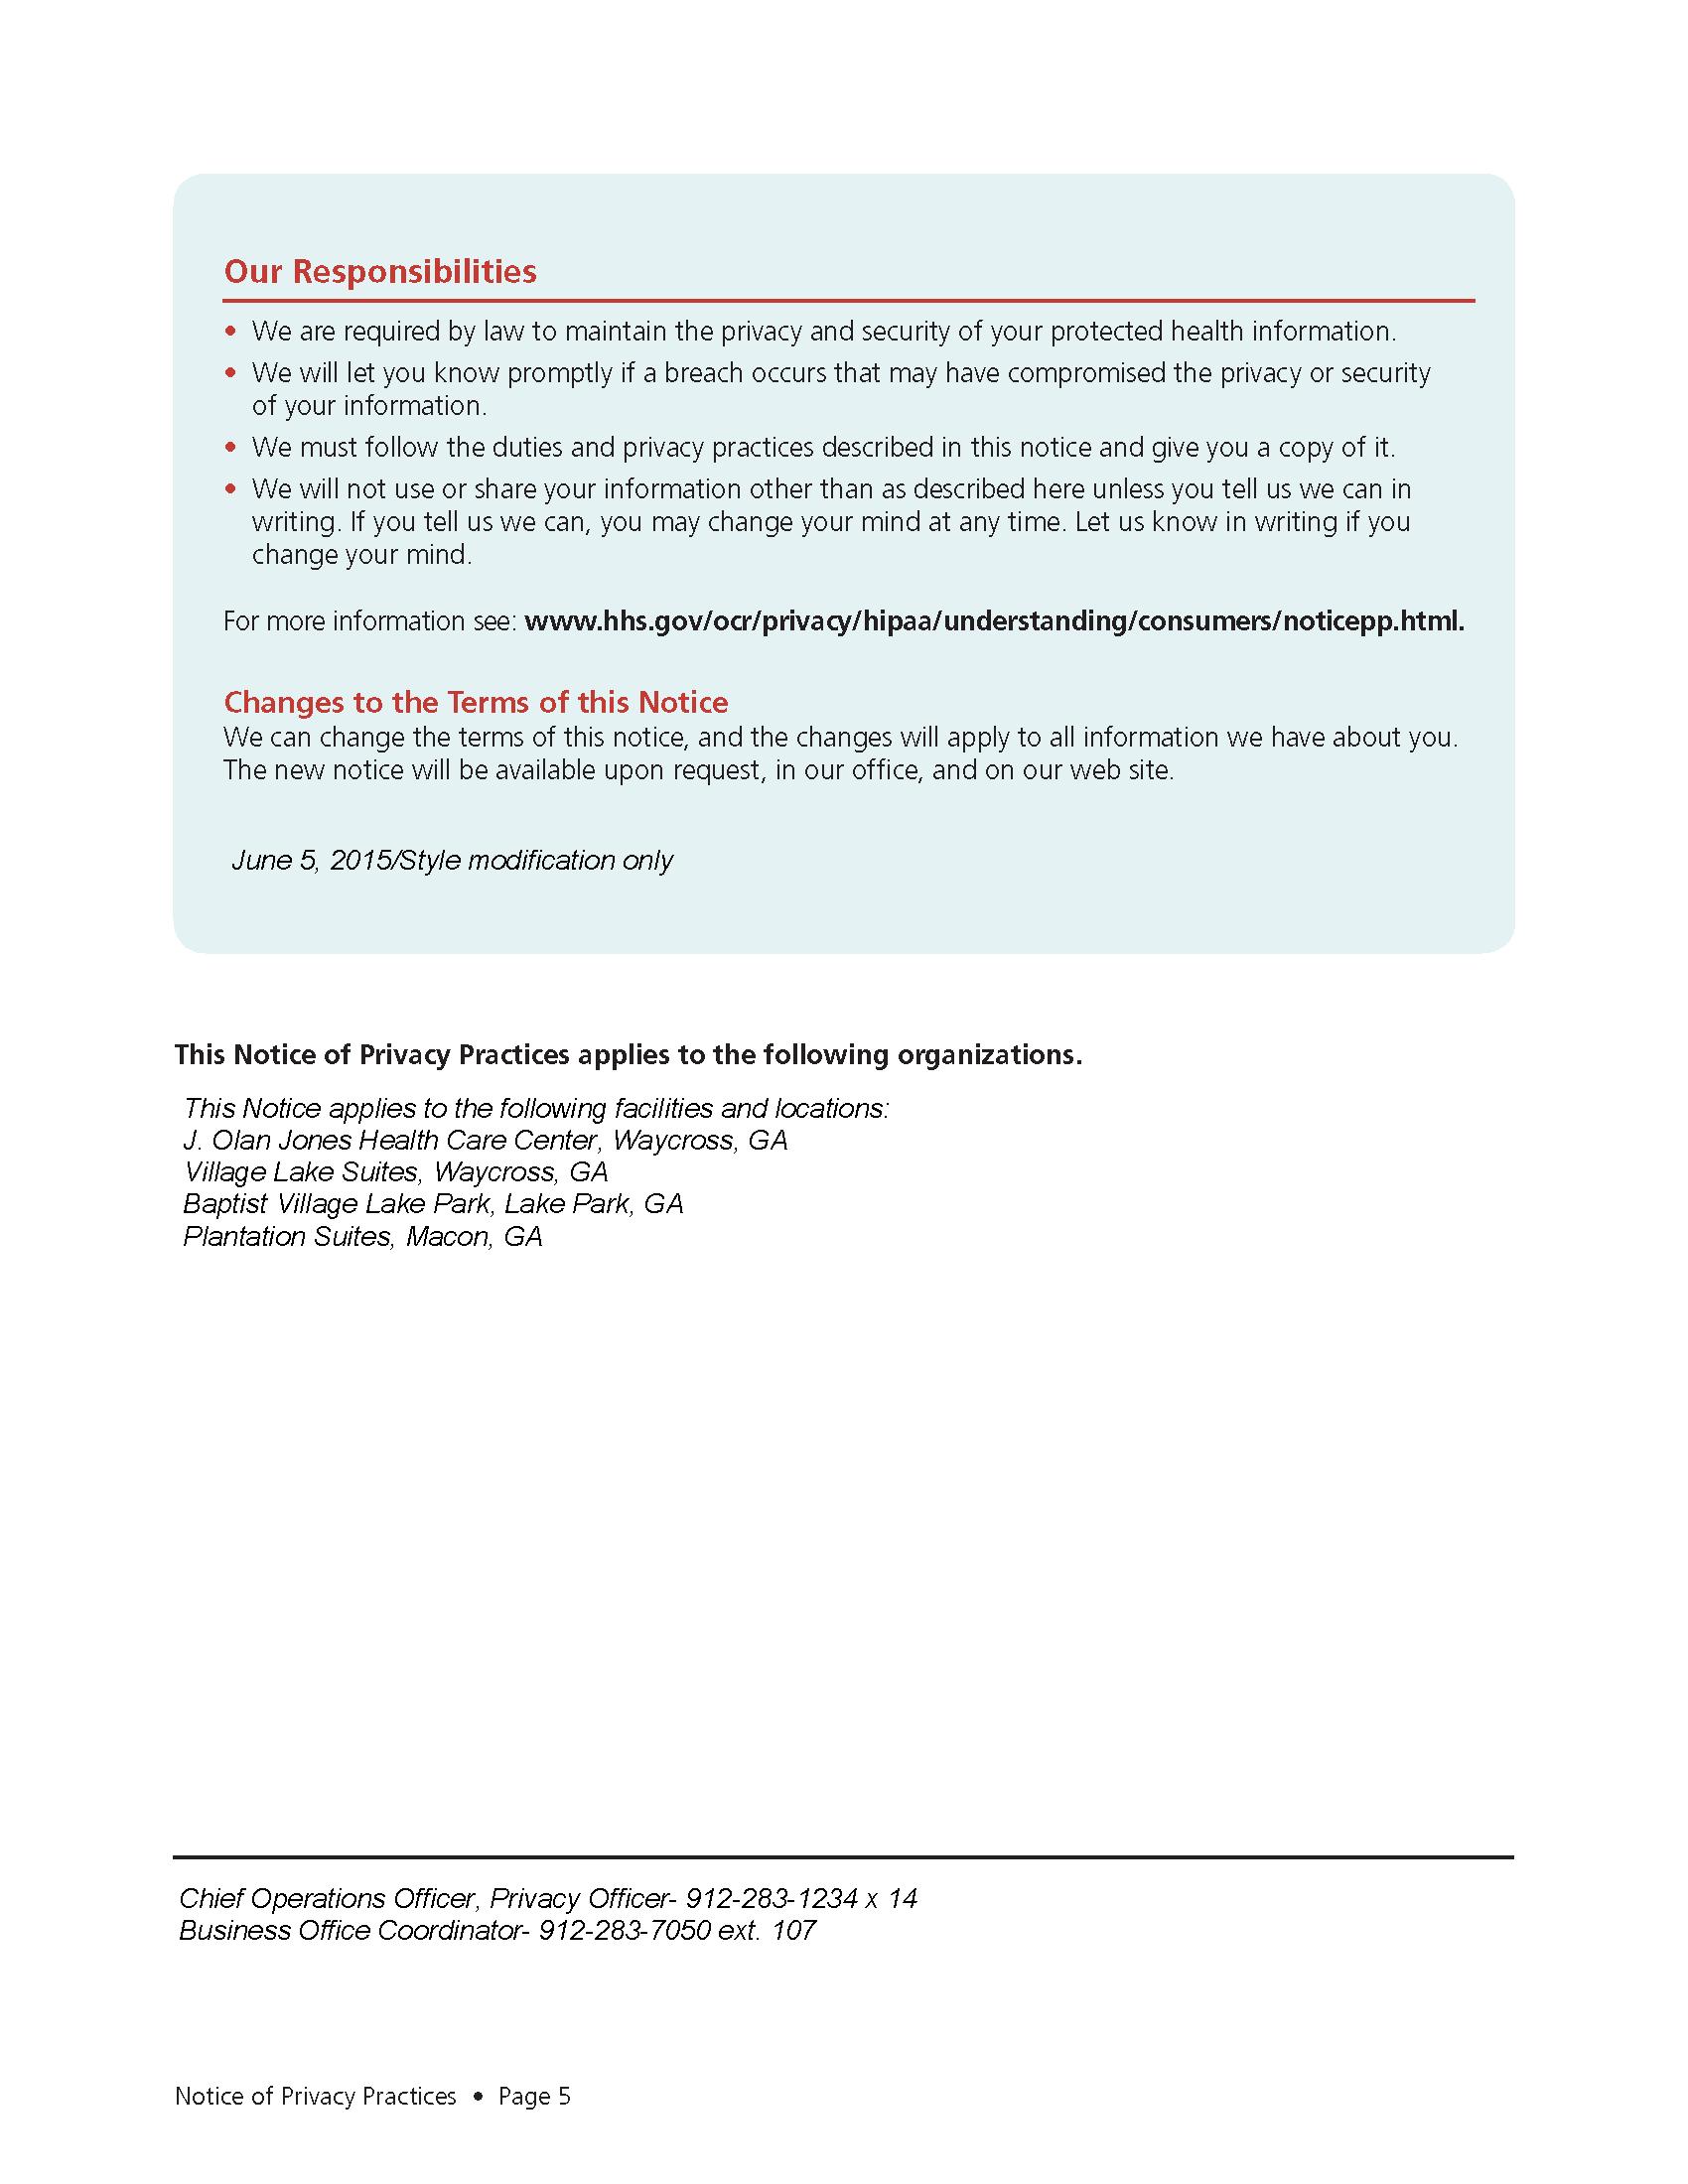 HIPAA page 5